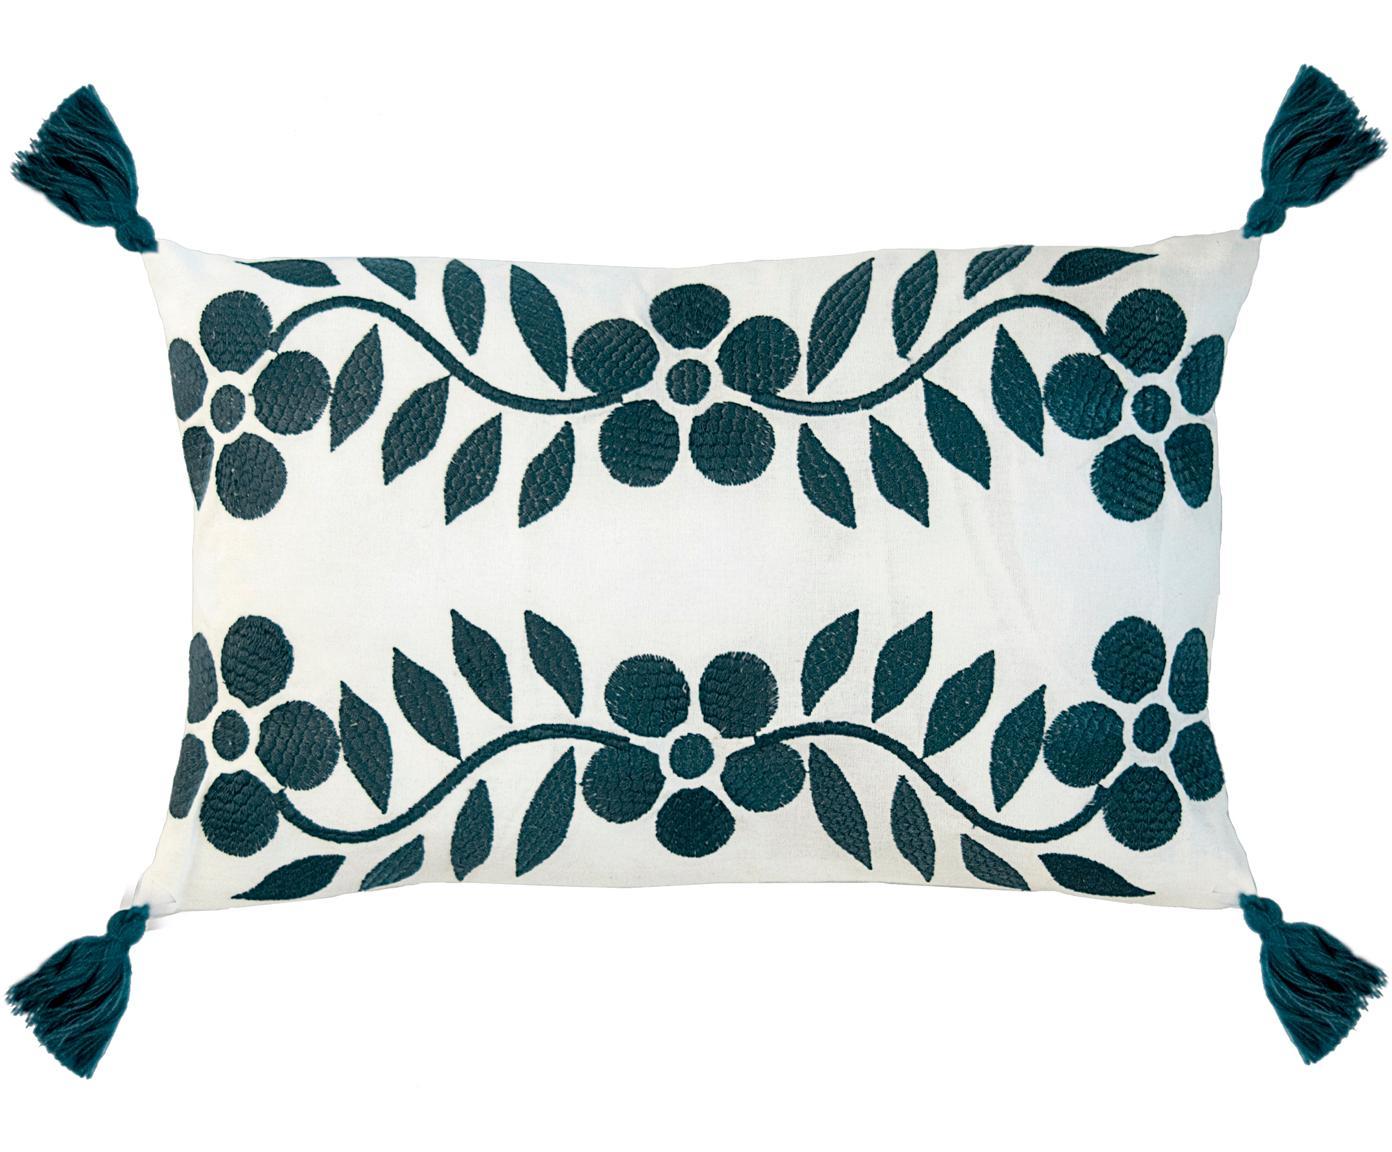 Haftowana poszewka na poduszkę z chwostami Matisse, 100% bawełna, Biały, granatowy, S 30 x D 50 cm